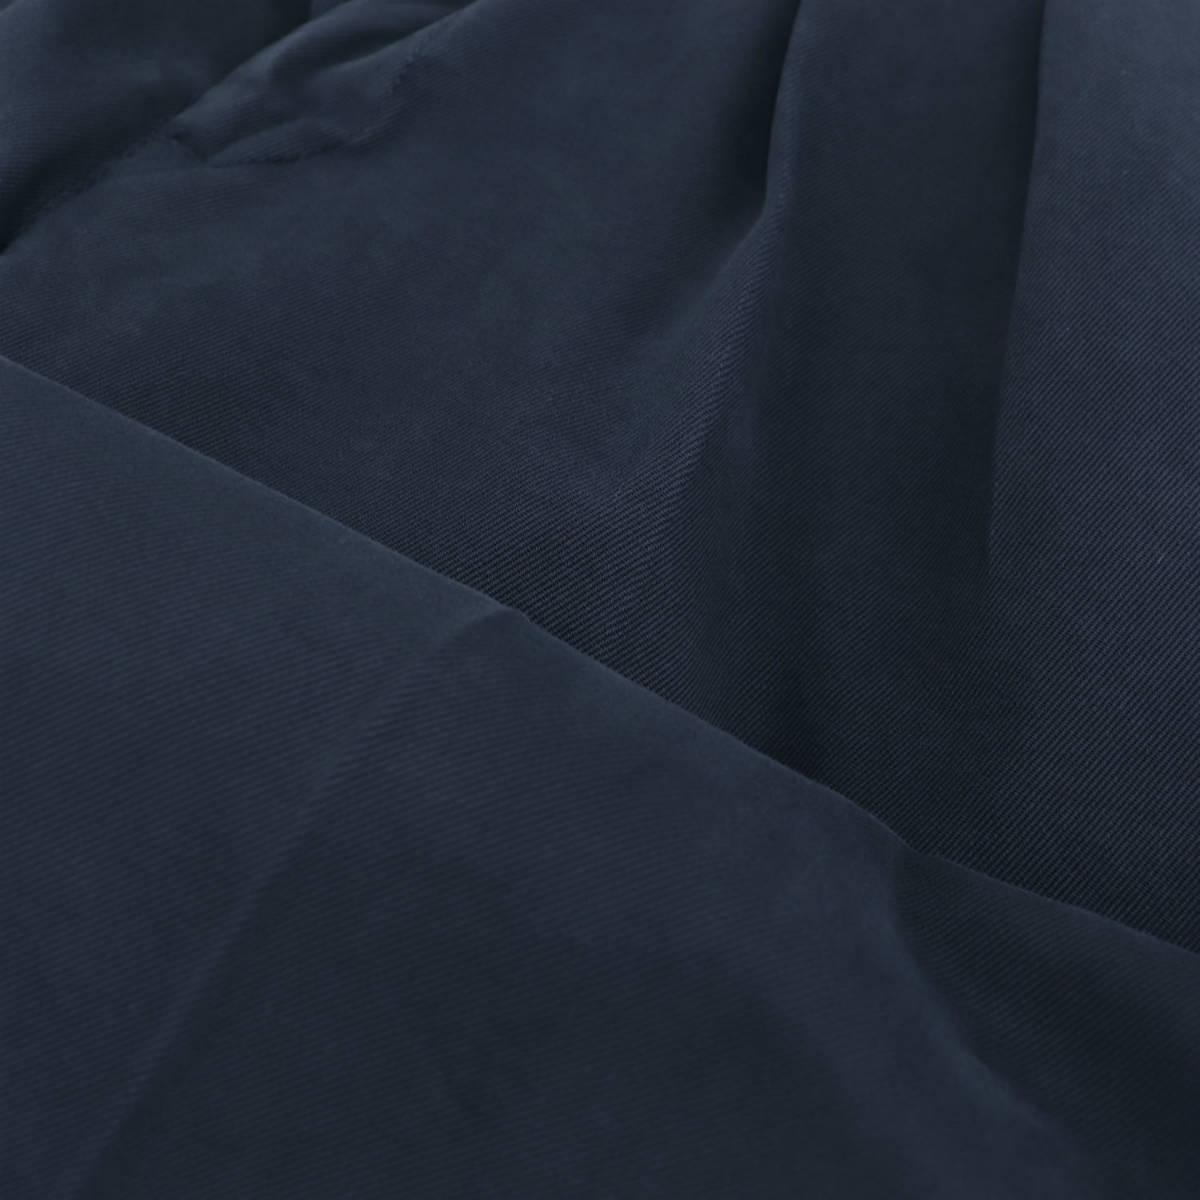 【決算セール】ピーティートリノ PT TORINO  キャロットフィット 2プリーツ チノクロスストレッチ テーパードパンツ COZTZLZ00AND (ネイビー)秋冬新作【返品交換不可】